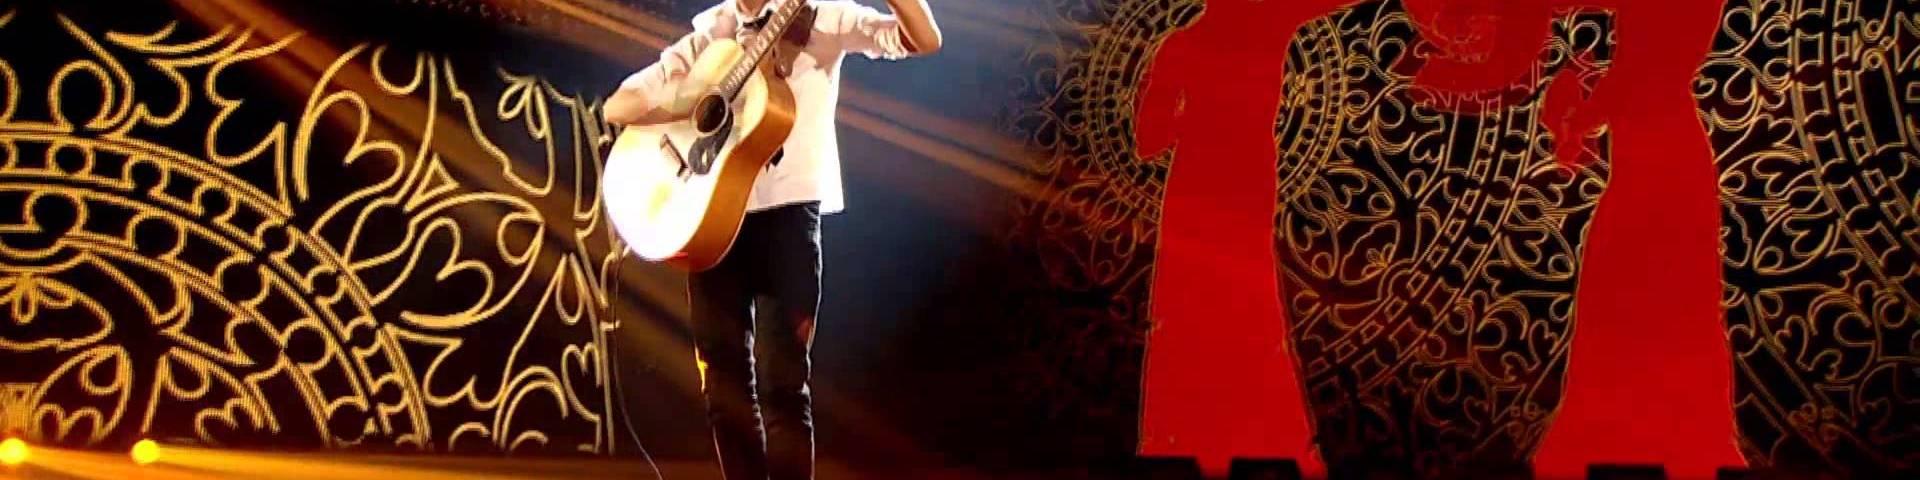 Guitarrista prodígio